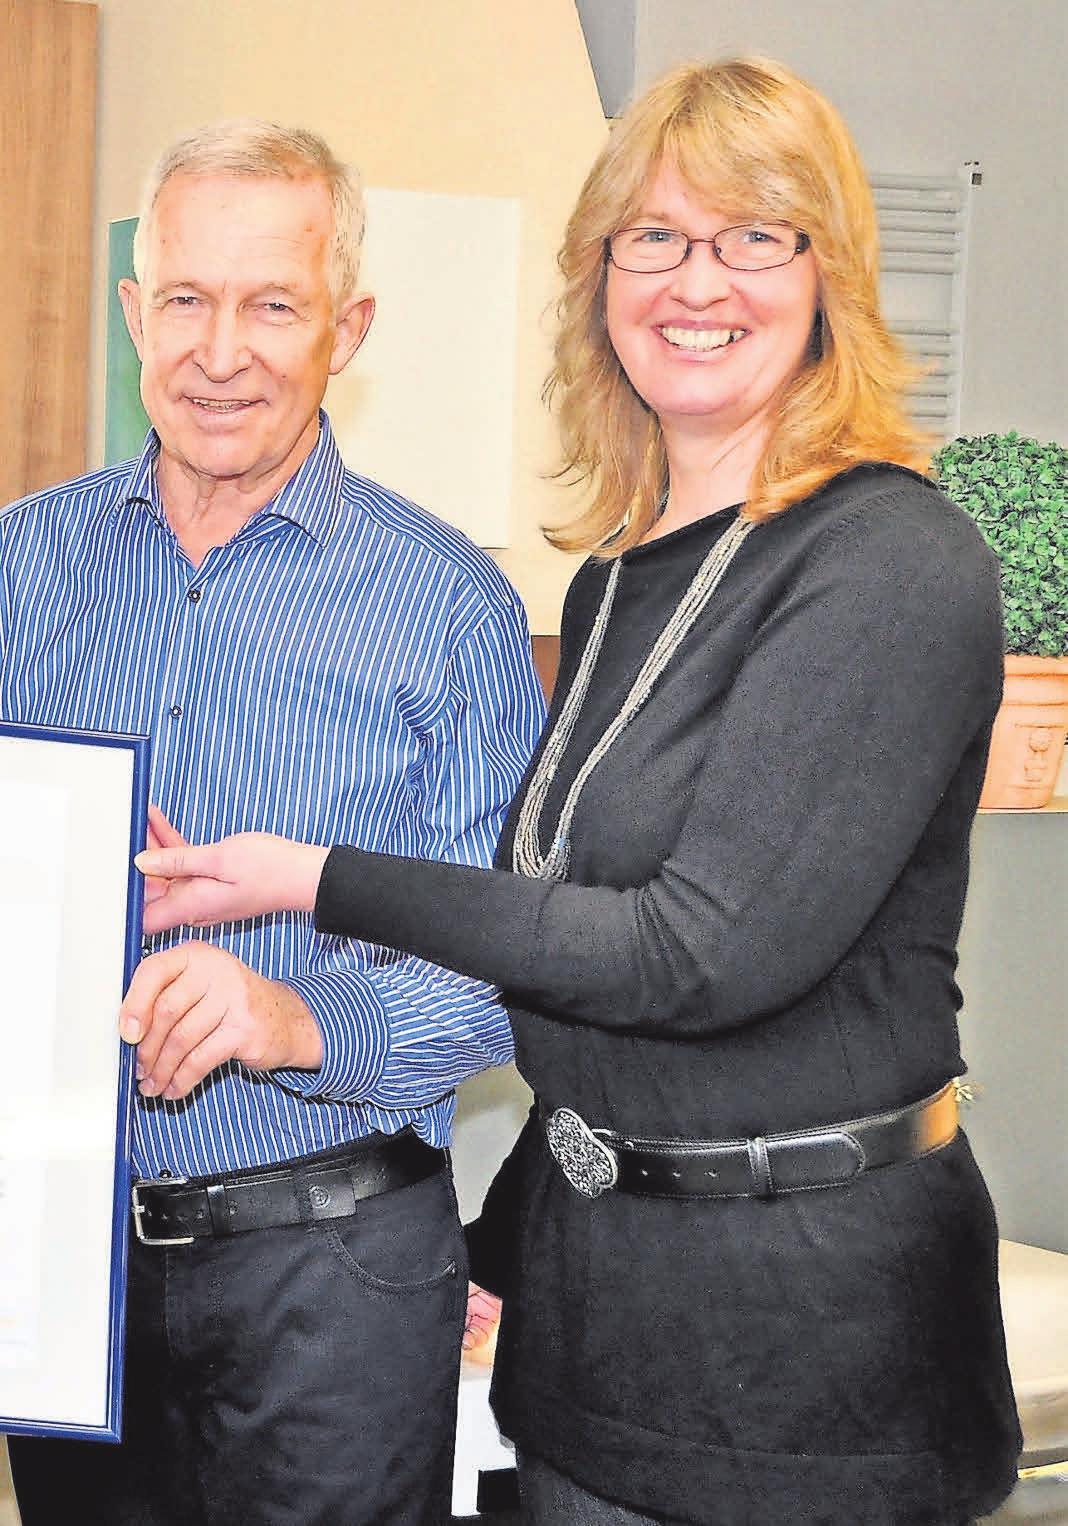 Gemeinsam mit ihrem Vater Dieter Hohe leitet Christiane Hohe das Familienunternehmen.